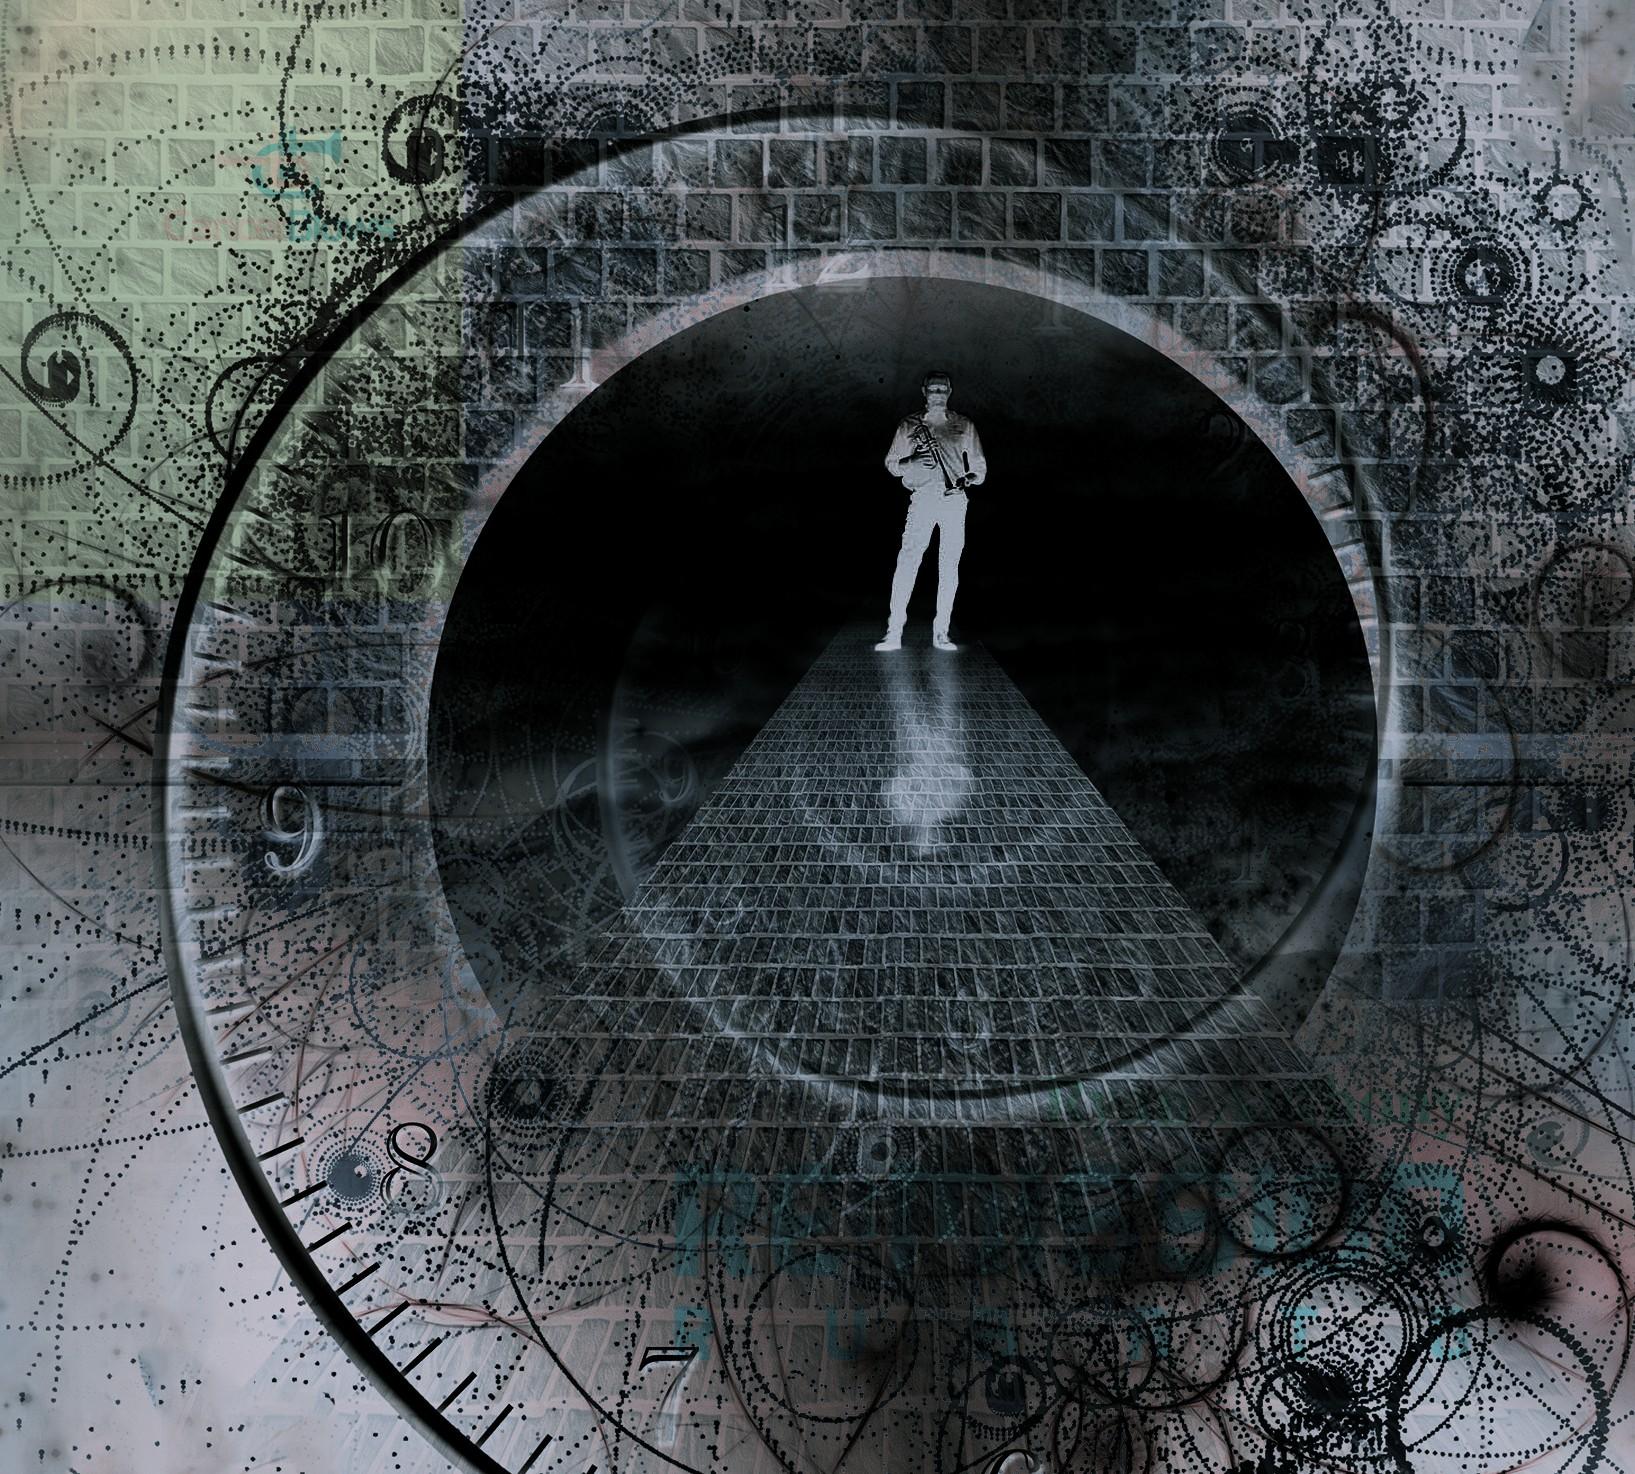 CancerBlows Album Cover - Re:mission Rubato